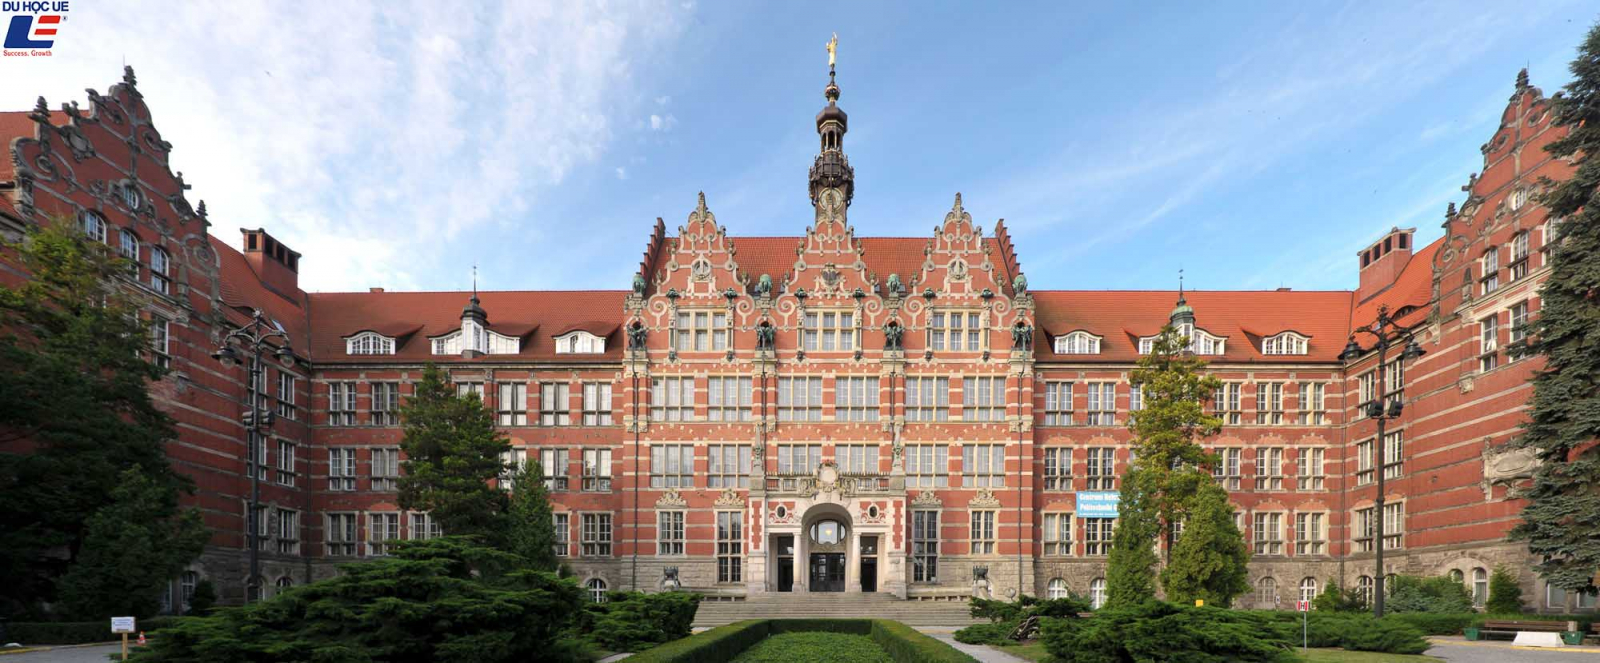 10 trường đại học tráng lệ nhất châu Âu 6